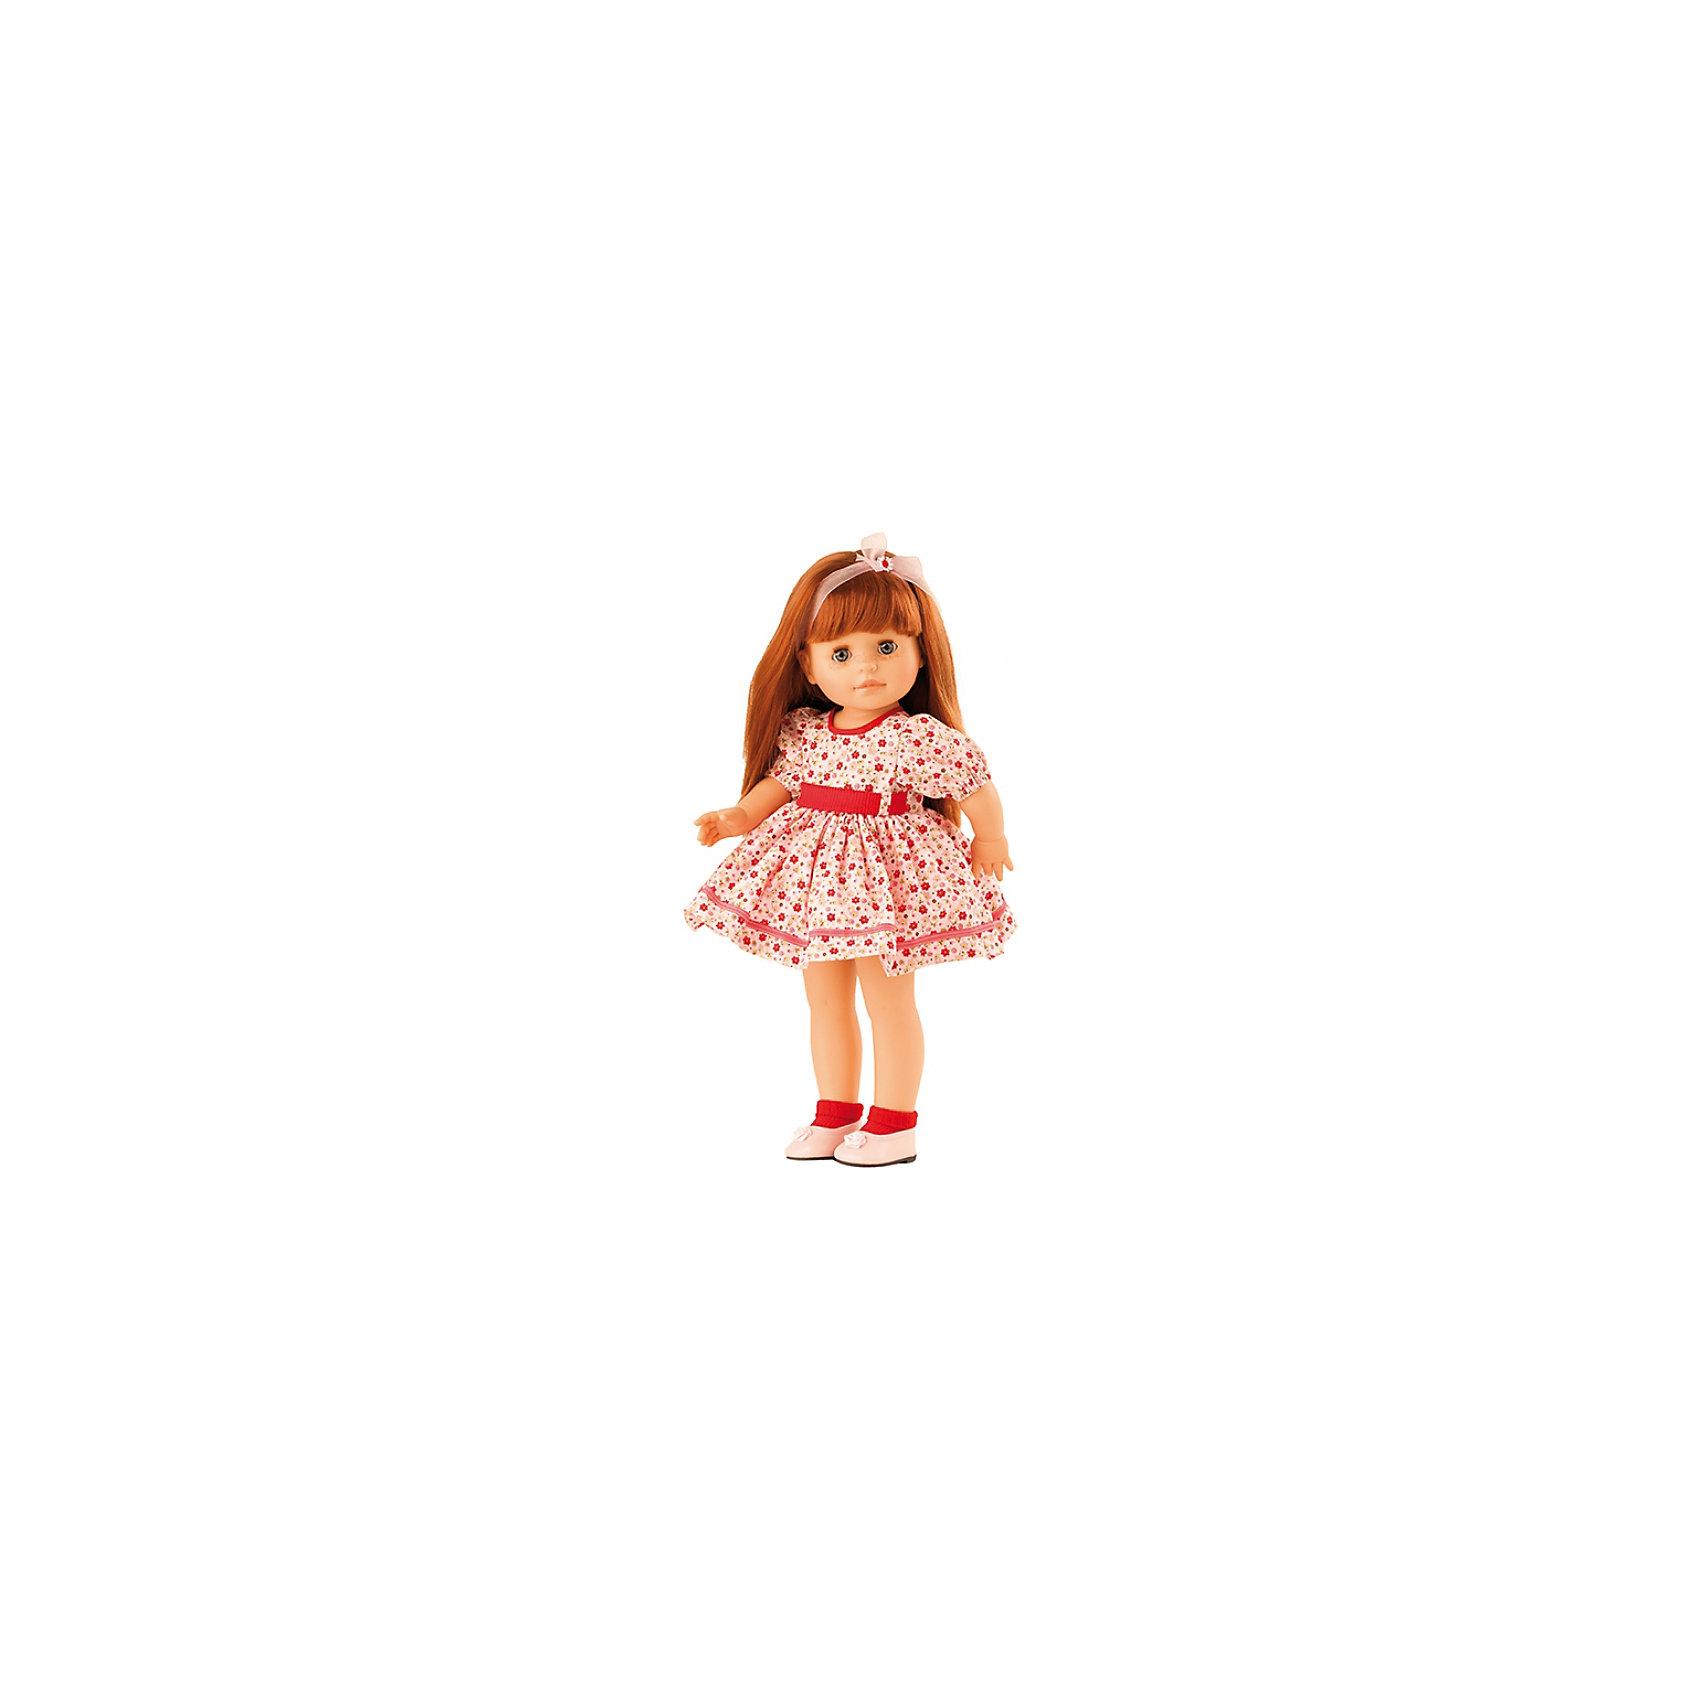 Кукла Бекка, 40 смБренды кукол<br>Девочки обожают играть в куклы. Это не только весело, но и помогает развить ключевые социальные навыки! Кукла Бекка с длинными волосами, которые можно расчесывать, приведет в восторг любую девочку! Она сделана из высококачественного винила, одета в модный наряд. Её конечности подвижны,<br>а губы, щечки, веснушки и волосы – полностью ручная работа. Кукла приятно пахнет ванилью.<br>Эта кукла обязательно порадует ребенка! Он станет отличным подарком и поможет девочке развивать свою фантазию и мелкую моторику. Игрушка сделана из качественных и безопасных для ребенка материалов.<br><br>Дополнительная информация:<br><br>цвет: разноцветный;<br>высота: 40 см;<br>вес: 1333 г;<br>комплектация: кукла, одежда, аксессуары;<br>материал: винил.<br><br>Куклу Бекка, 40 см можно купить в нашем магазине.<br><br>Ширина мм: 25<br>Глубина мм: 12<br>Высота мм: 50<br>Вес г: 1333<br>Возраст от месяцев: 36<br>Возраст до месяцев: 144<br>Пол: Женский<br>Возраст: Детский<br>SKU: 4918672